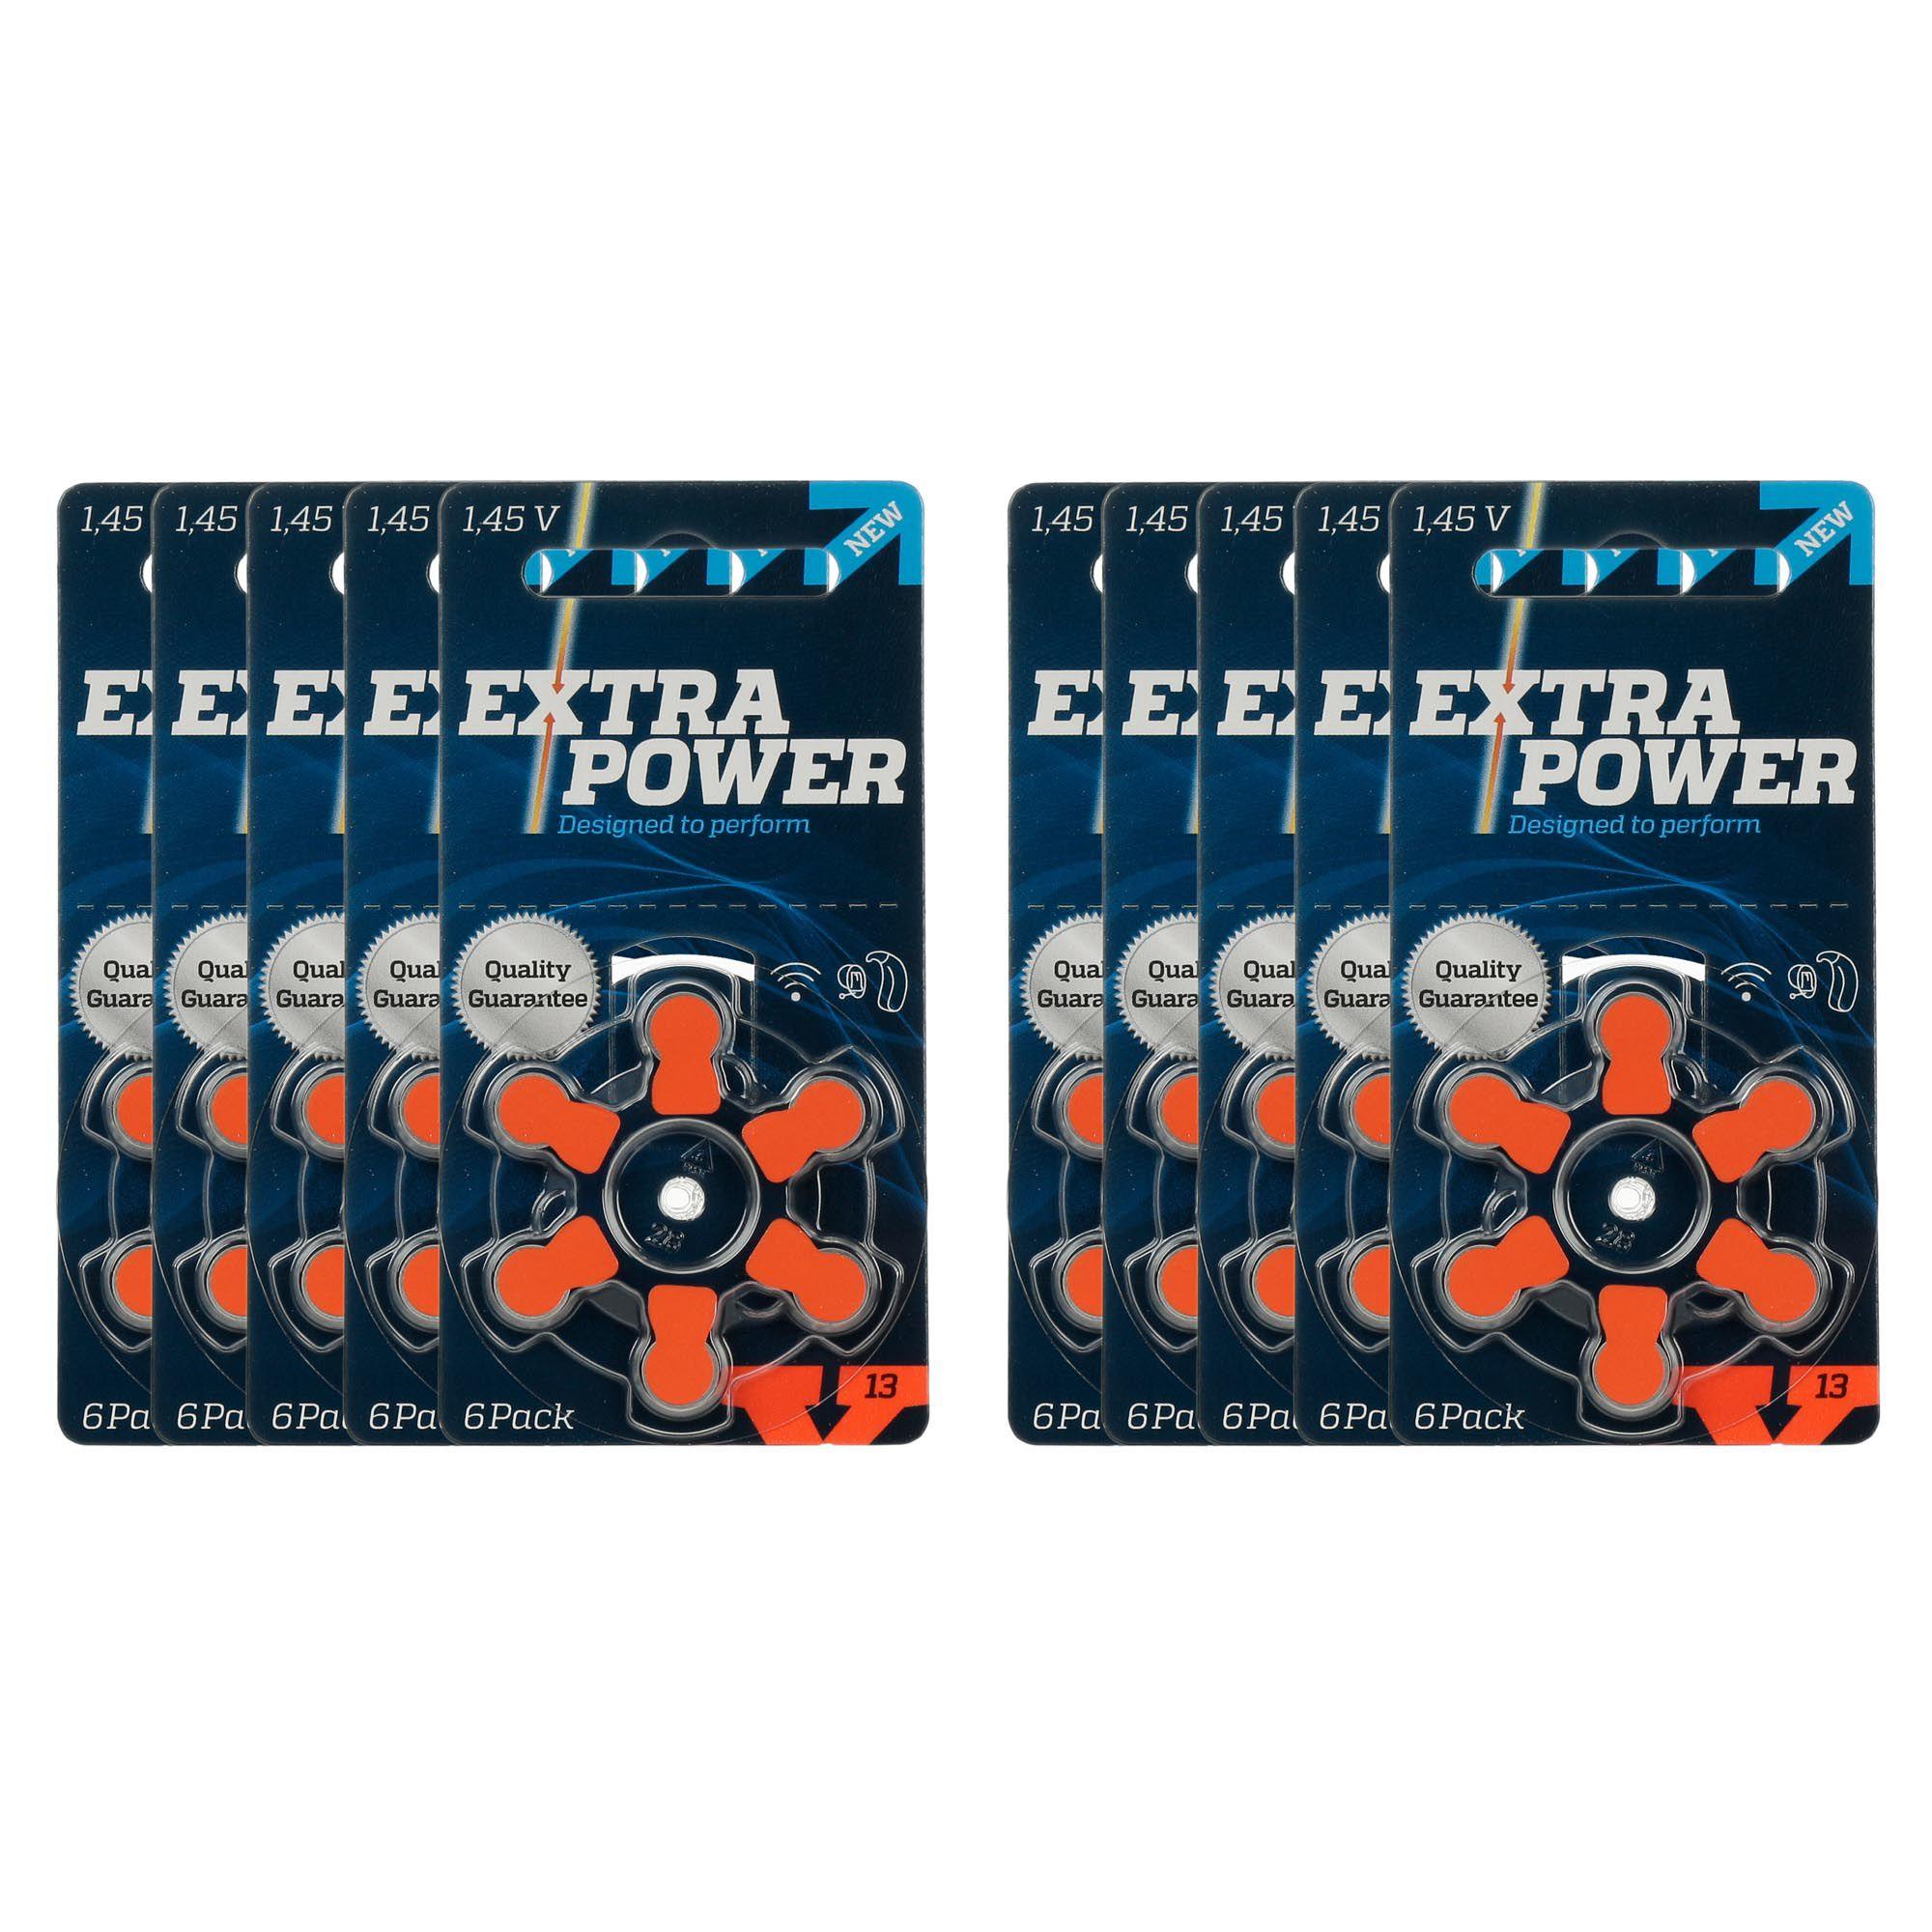 ExtraPower A13 / PR48 - 10 Cartelas - 60 Baterias para Aparelho Auditivo  - SONORA